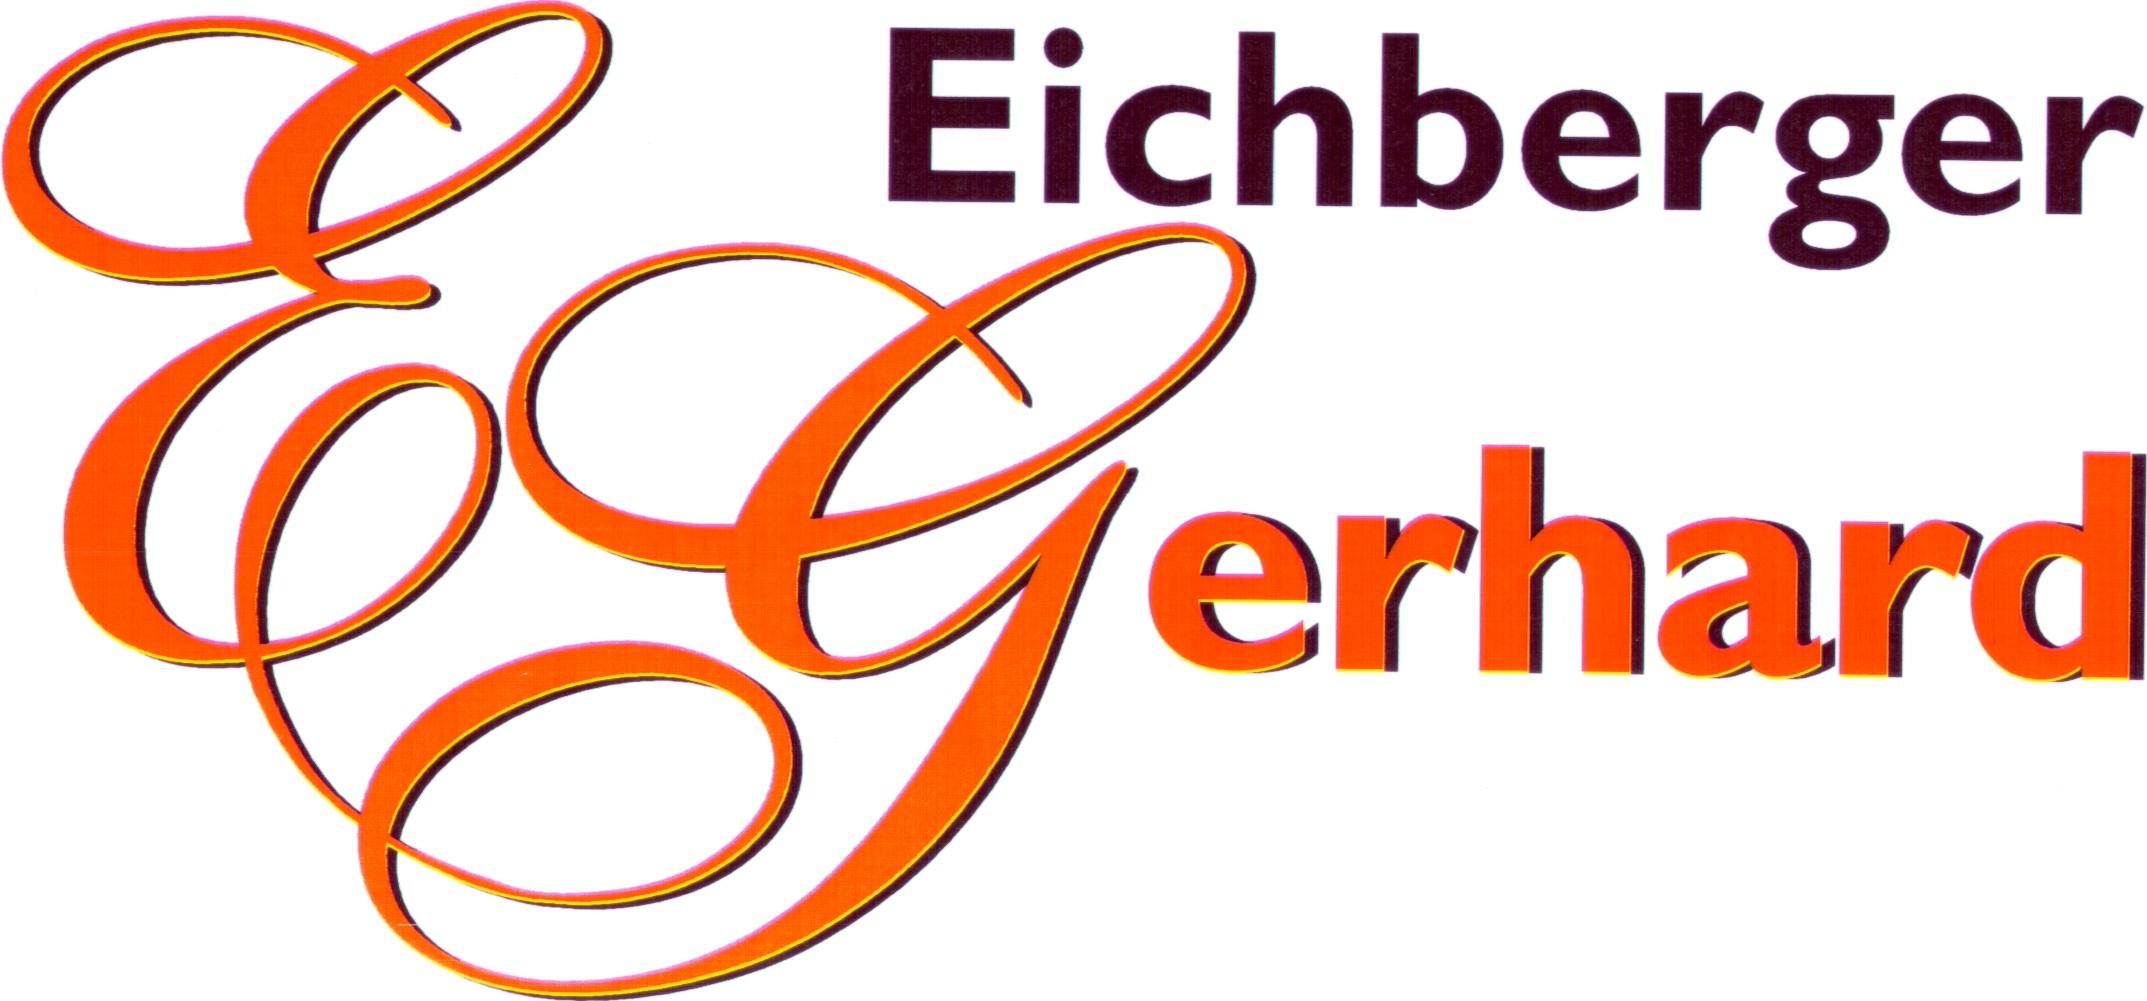 Gerhard Eichberger